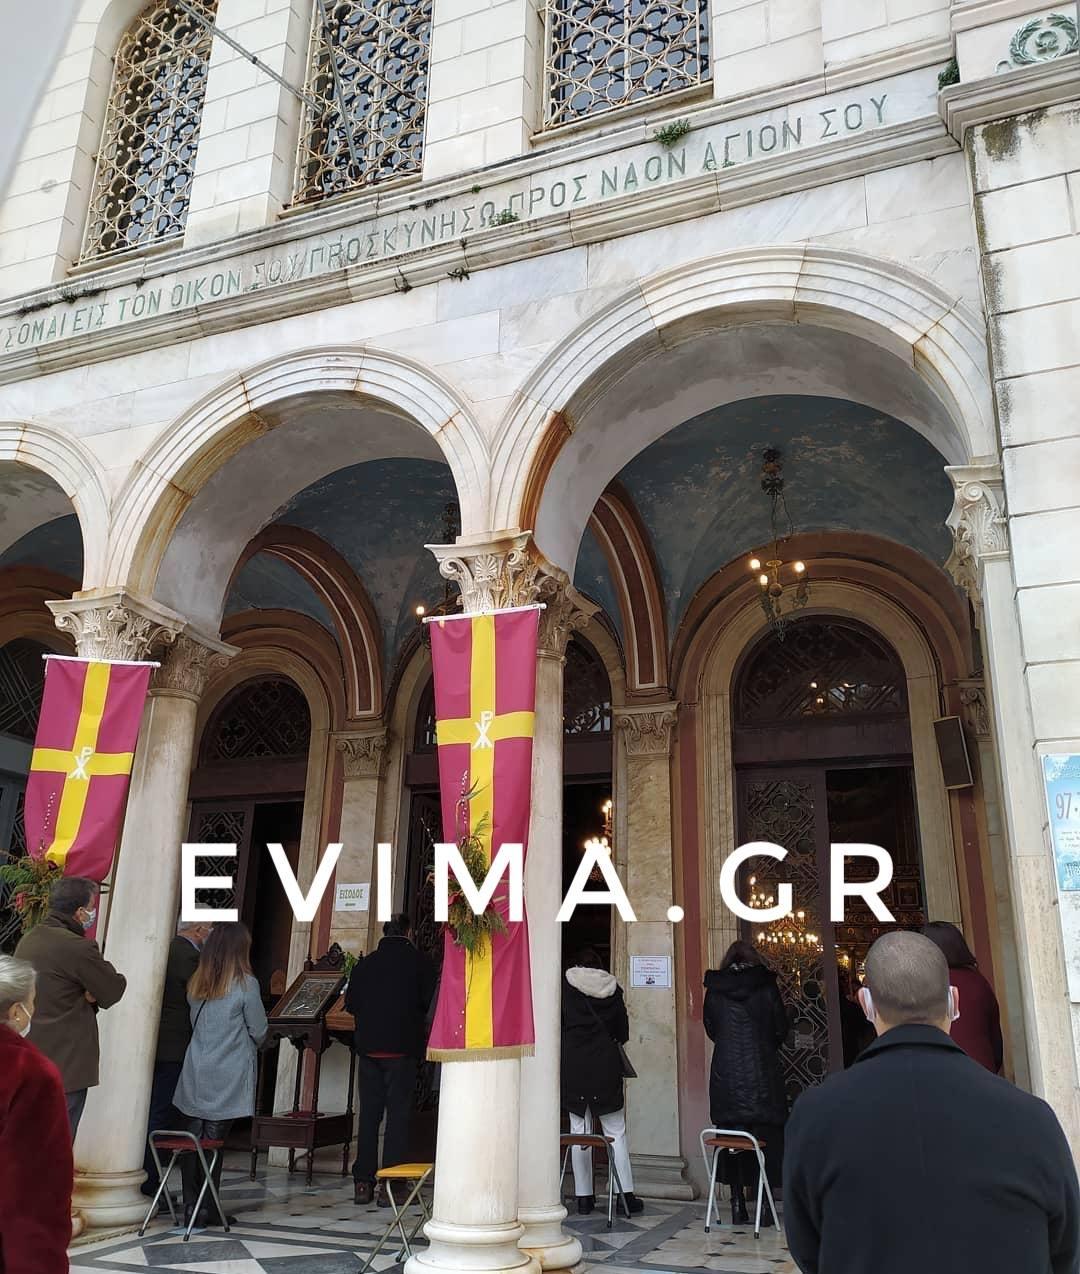 Εύβοια Χαλκίδα: Με παρουσία πιστών και αστυνομίας εορτάστηκαν τα Θεοφάνεια στον Ιερό Ναό Αγίου Νικολάου [εικόνα]